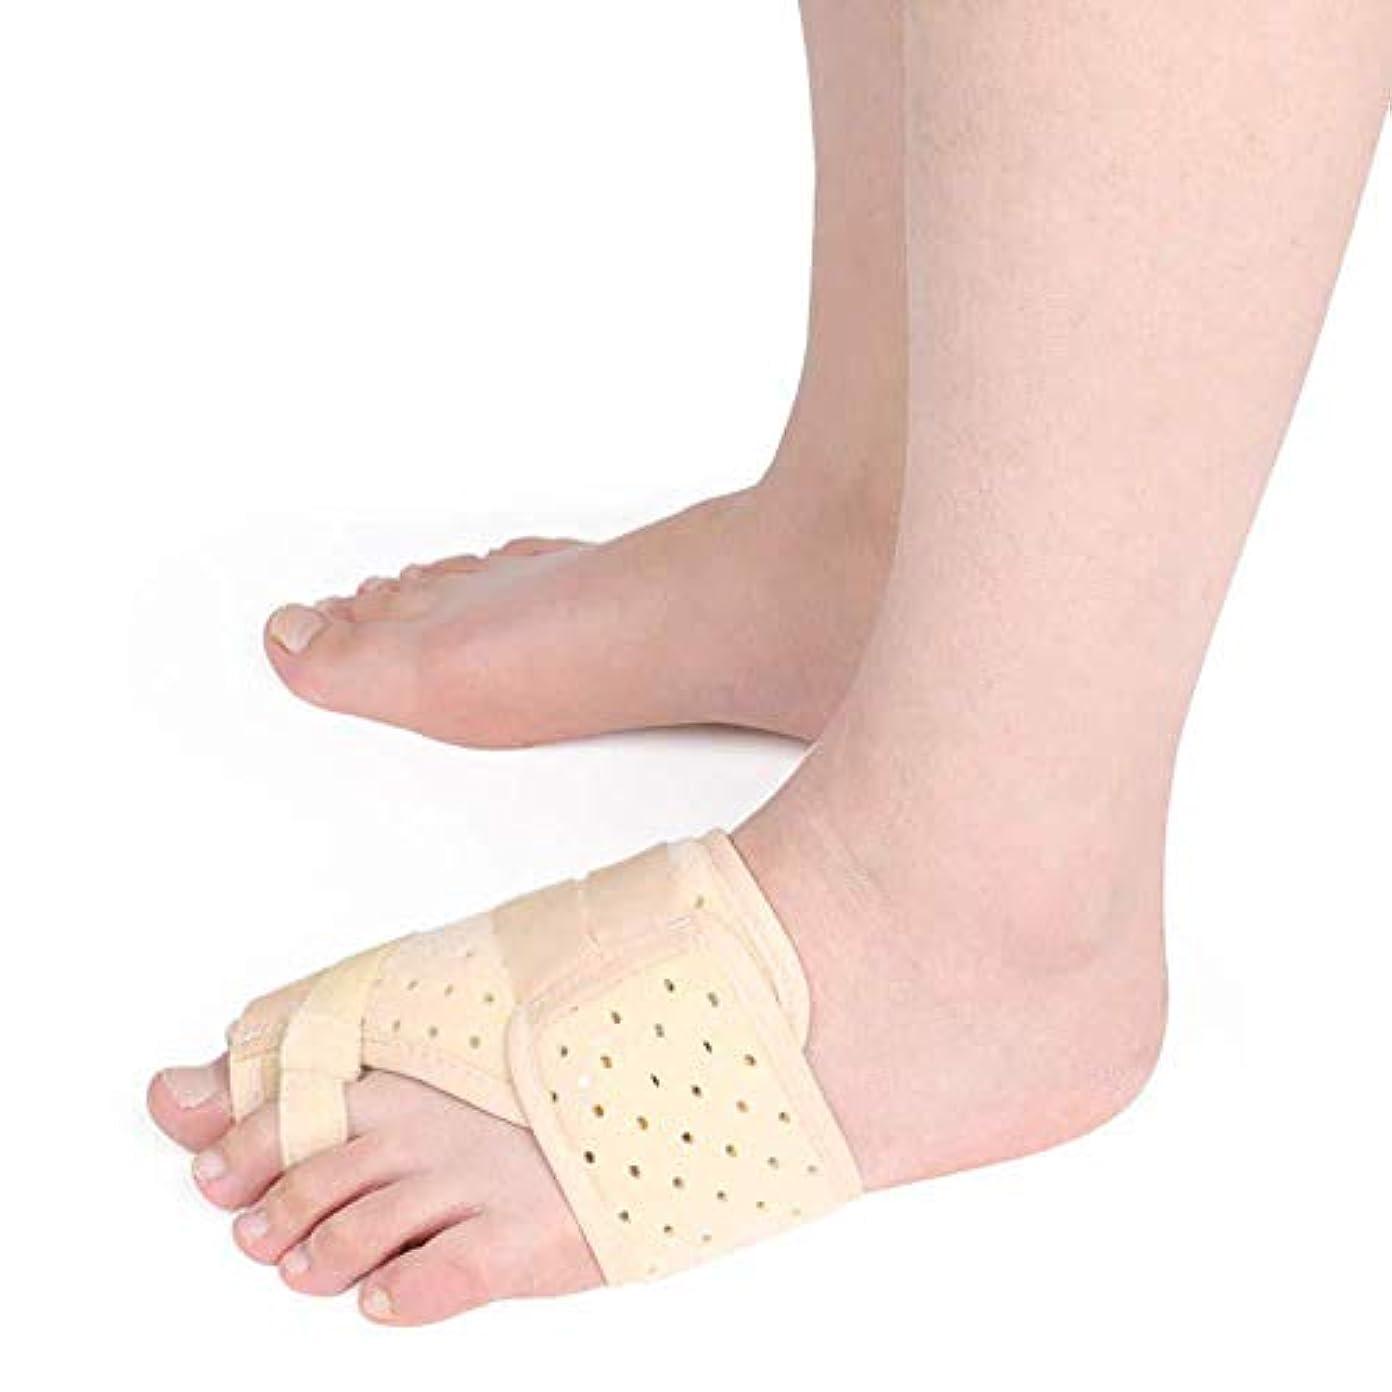 脚誘惑デコラティブ足の親指の矯正、ナイトバニオンリリーフ用のバニーサックスプリント、外反母hall痛の緩和親指矯正のつま先セパレーター,Right Foot